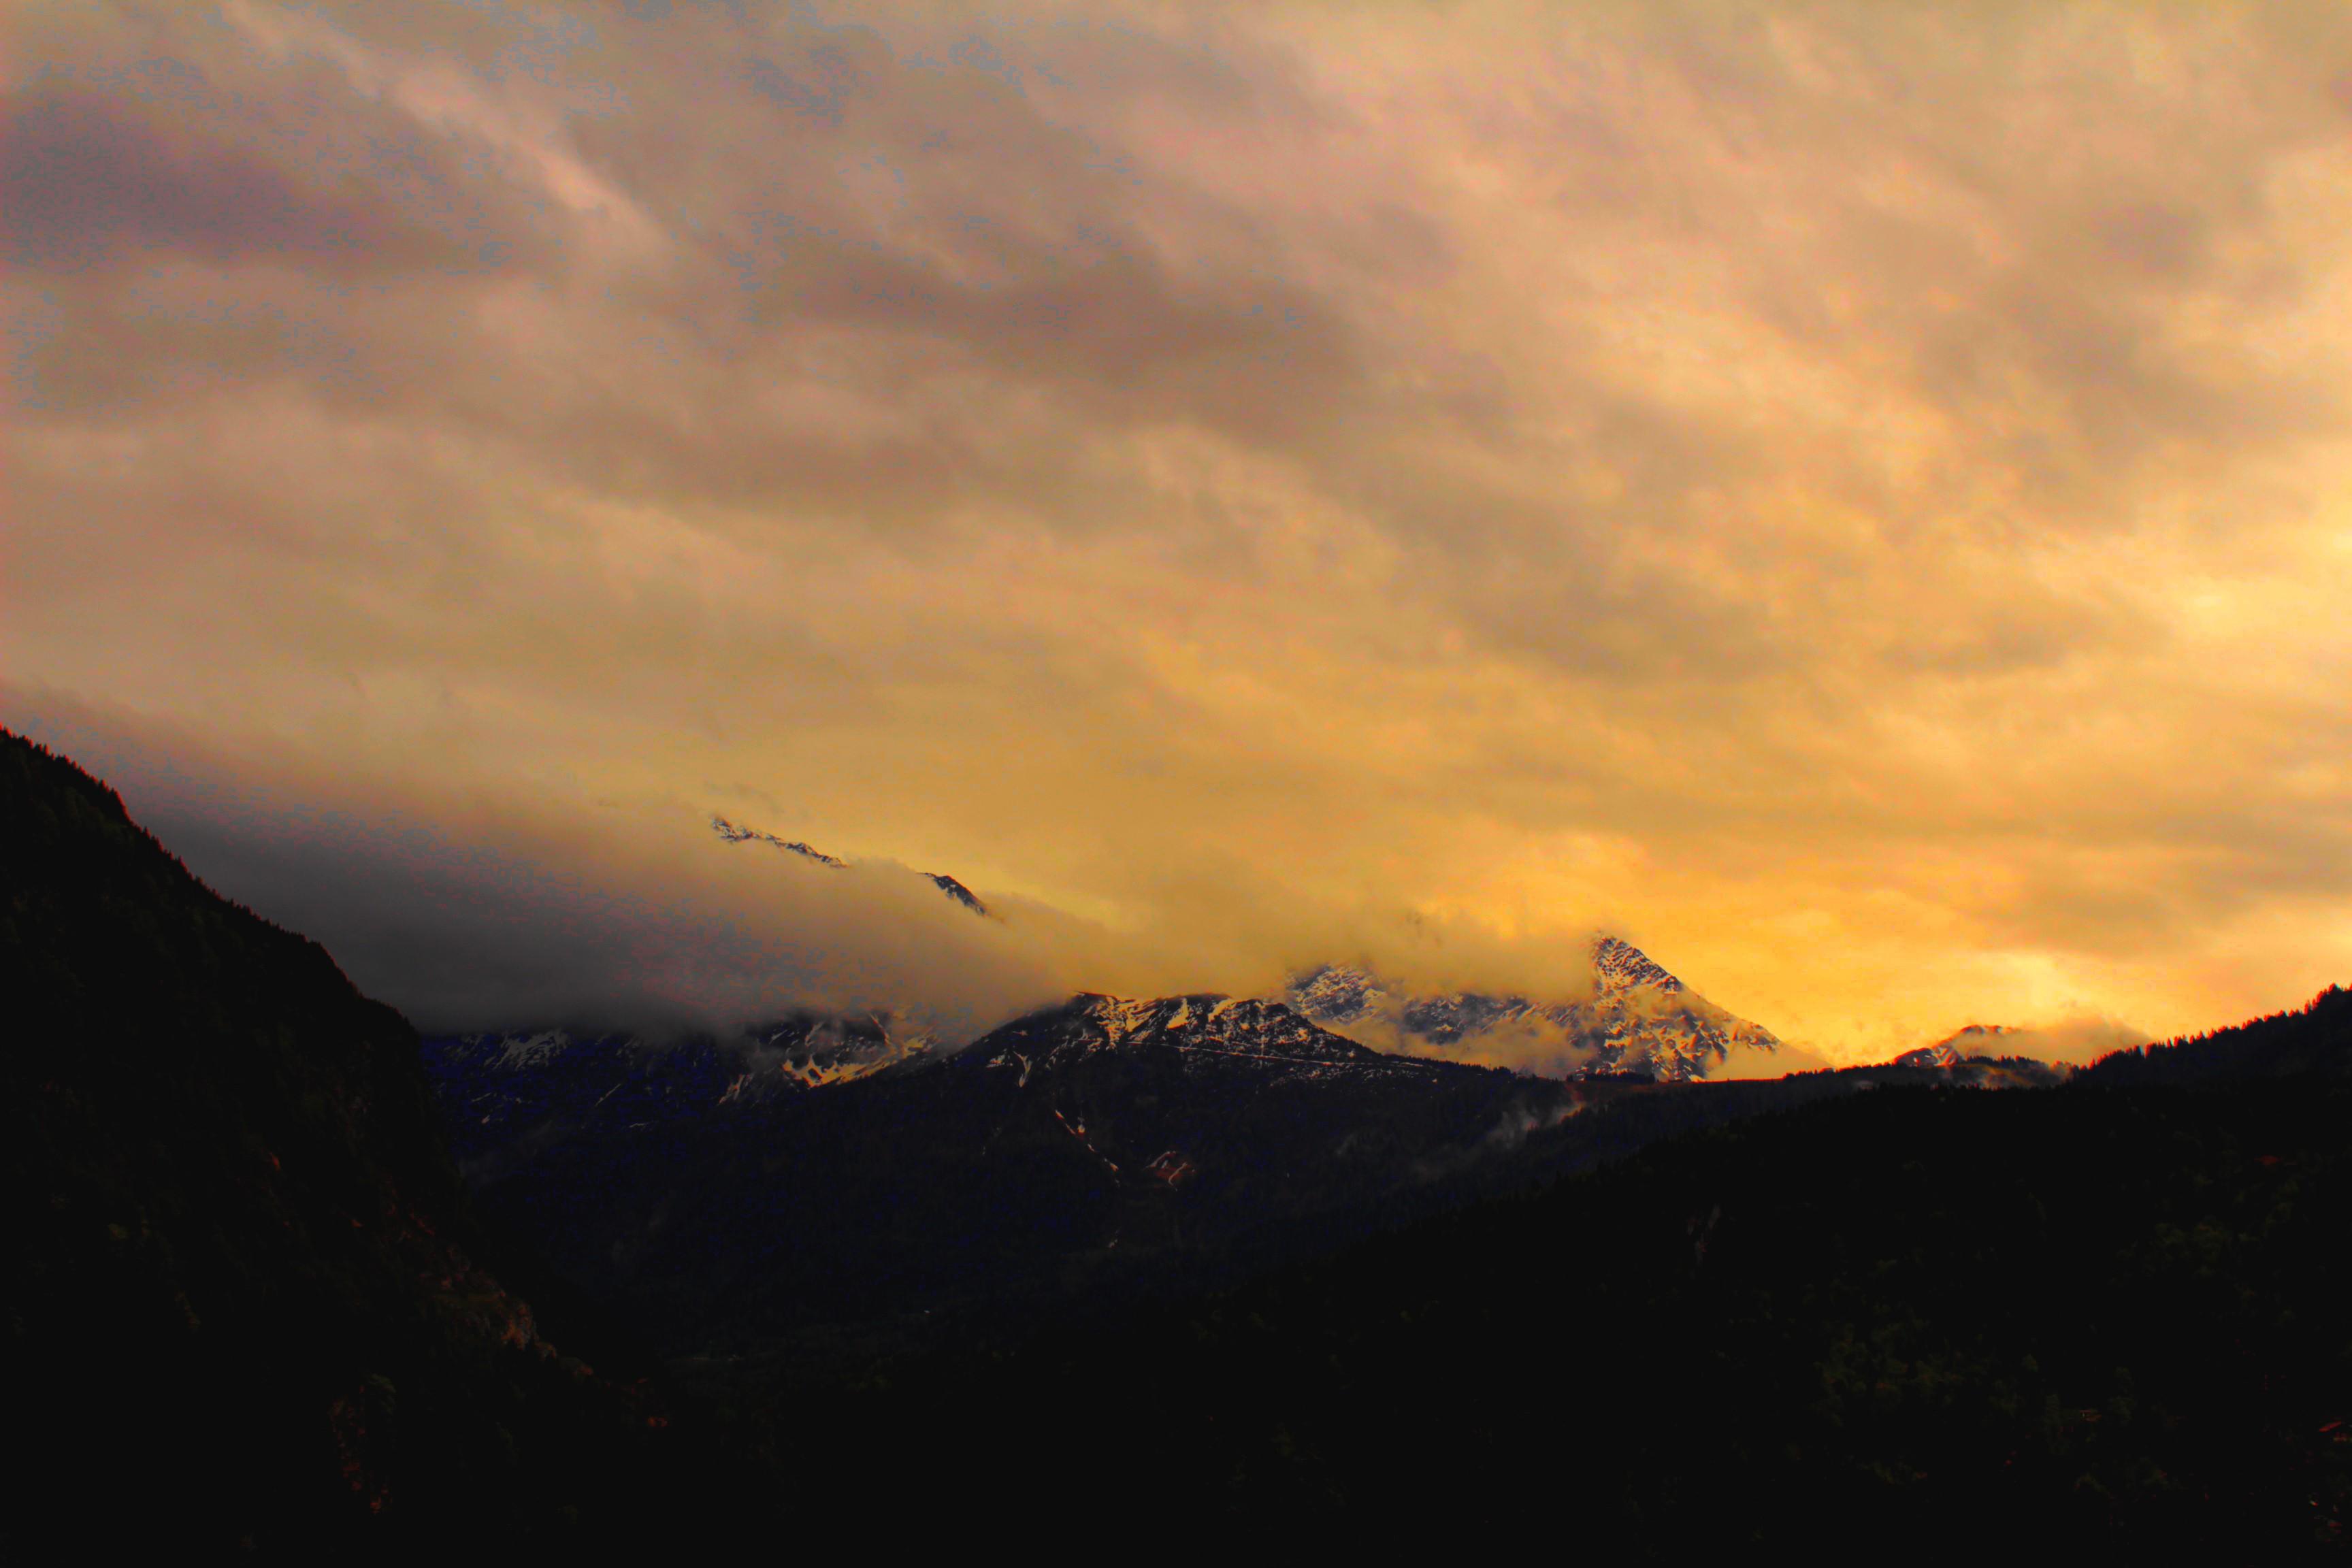 Mountains, Cloud, Cloudy, Fog, Mountain, HQ Photo